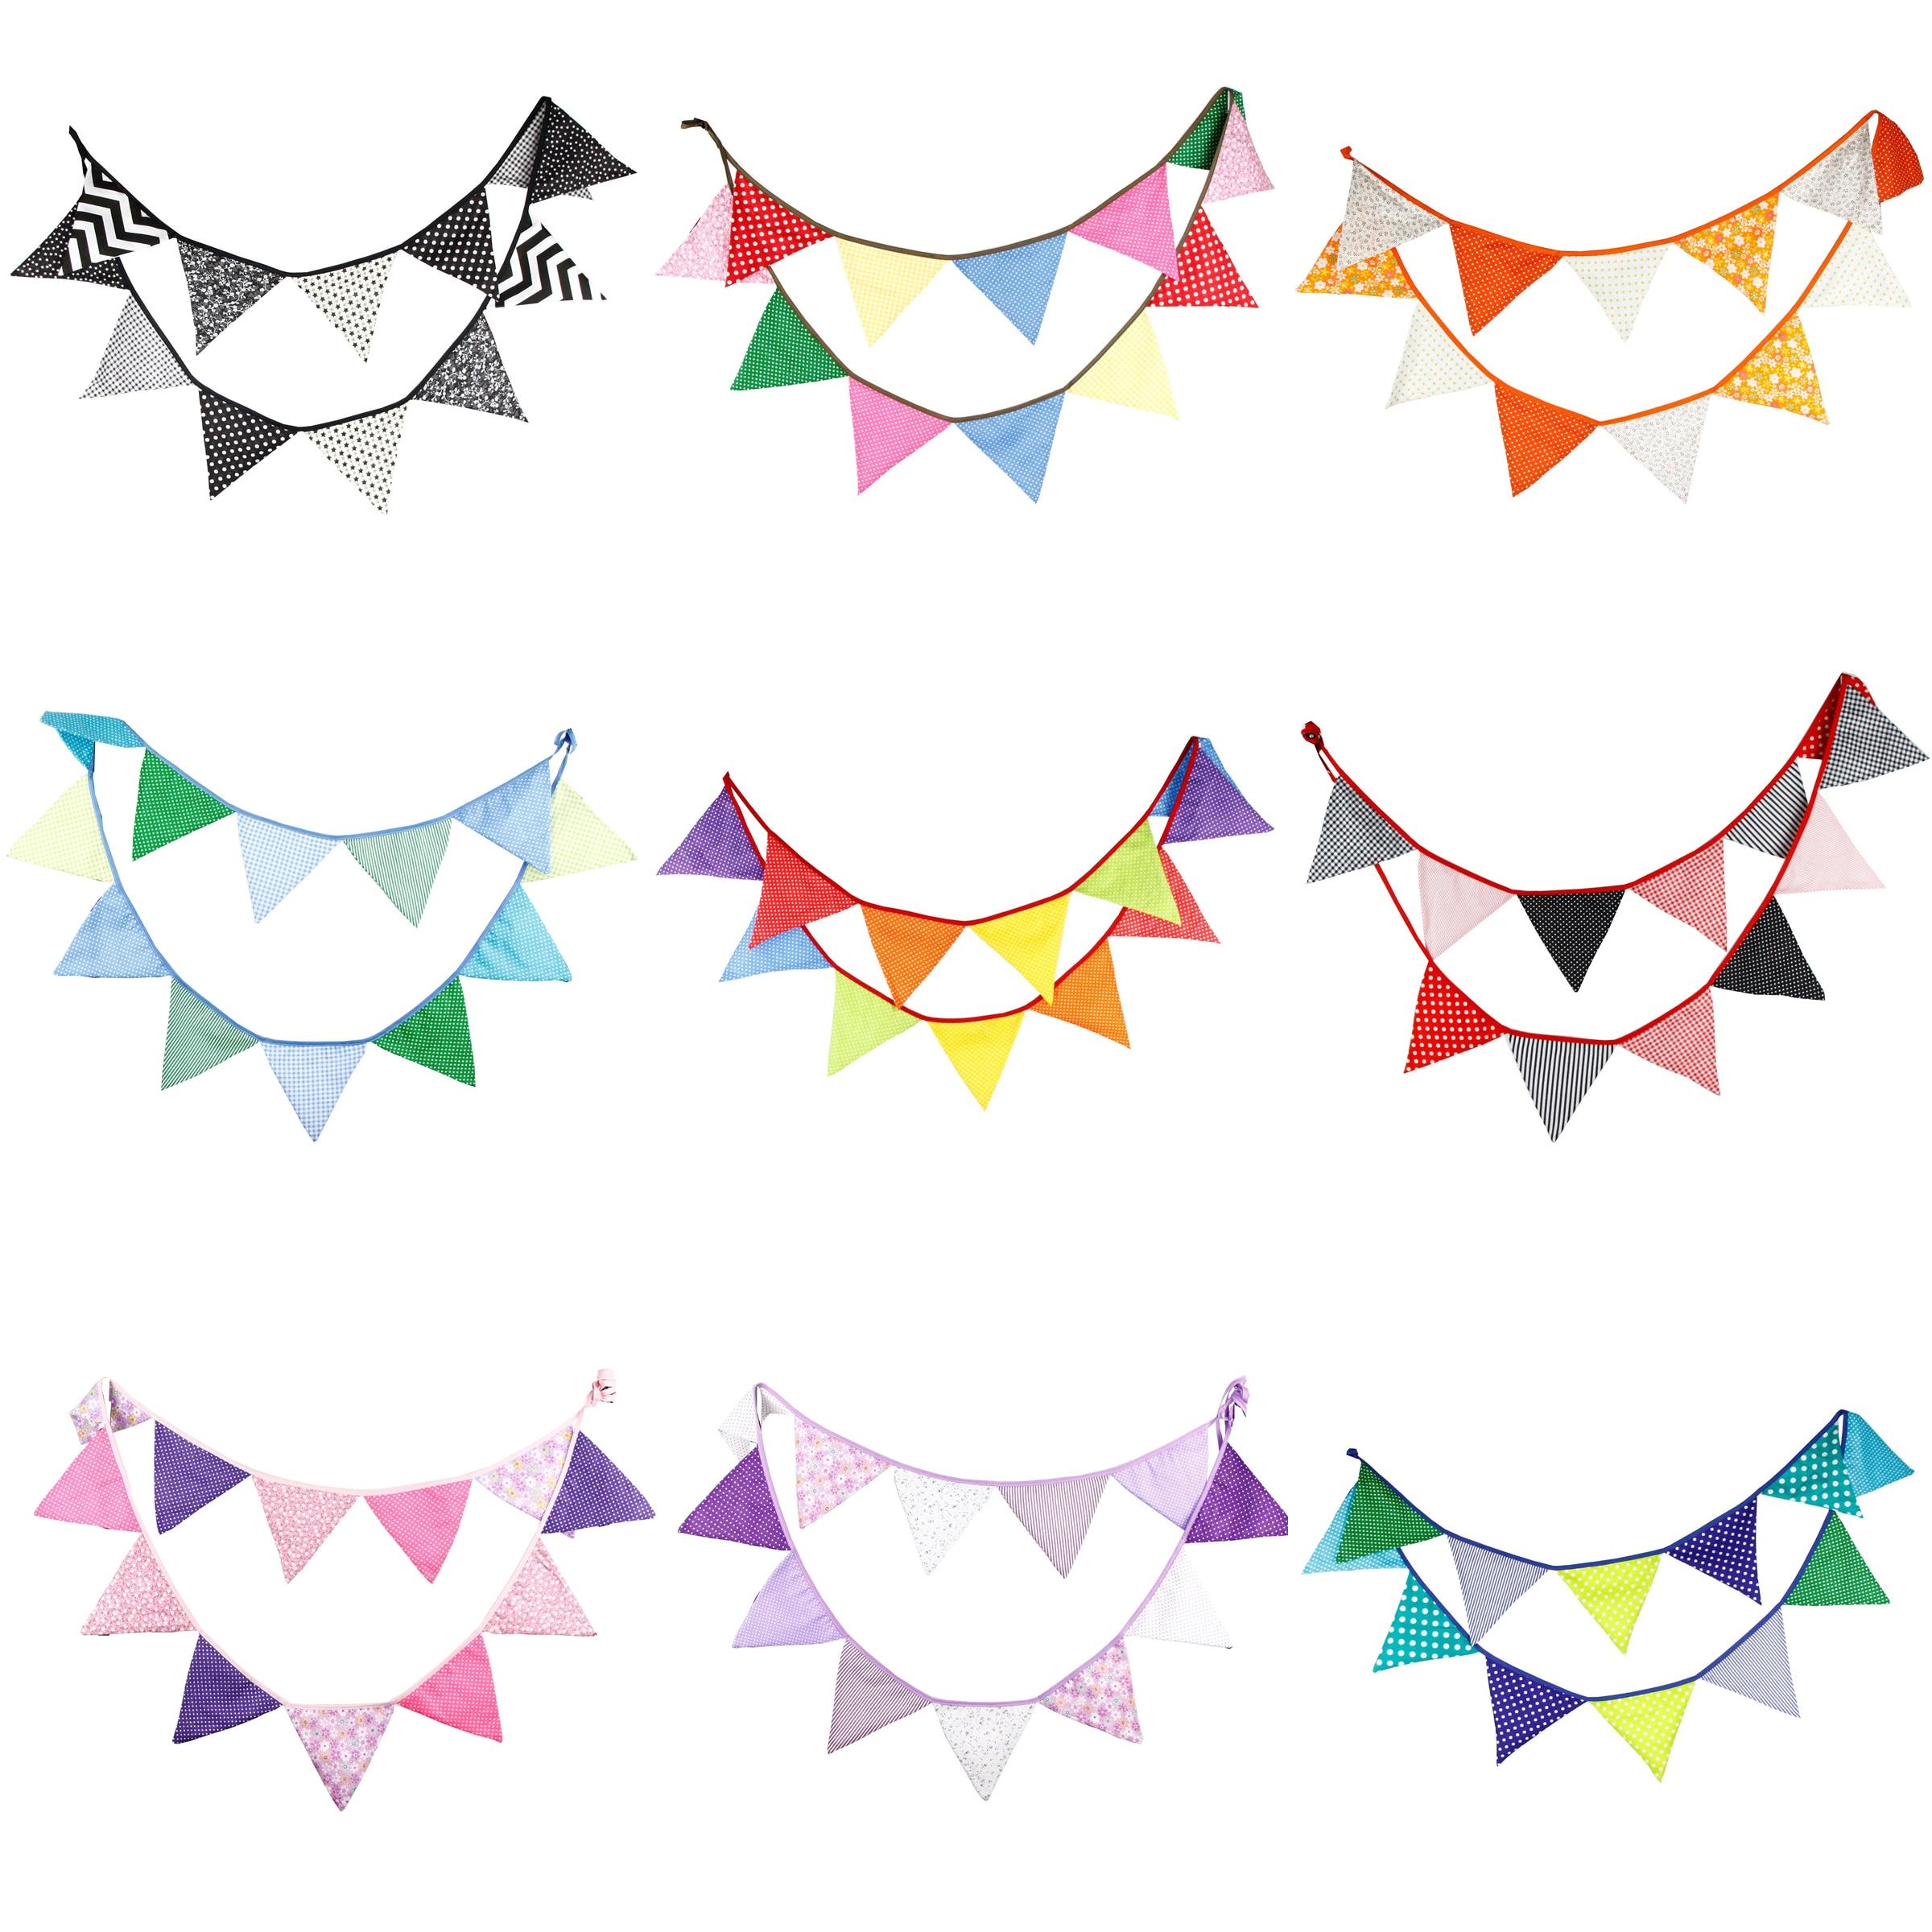 3.2m 12 bandeiras de pano de algodão artesanal bandeira flâmula guirlanda crianças chuveiro do bebê aniversário bunting festa de casamento decoração